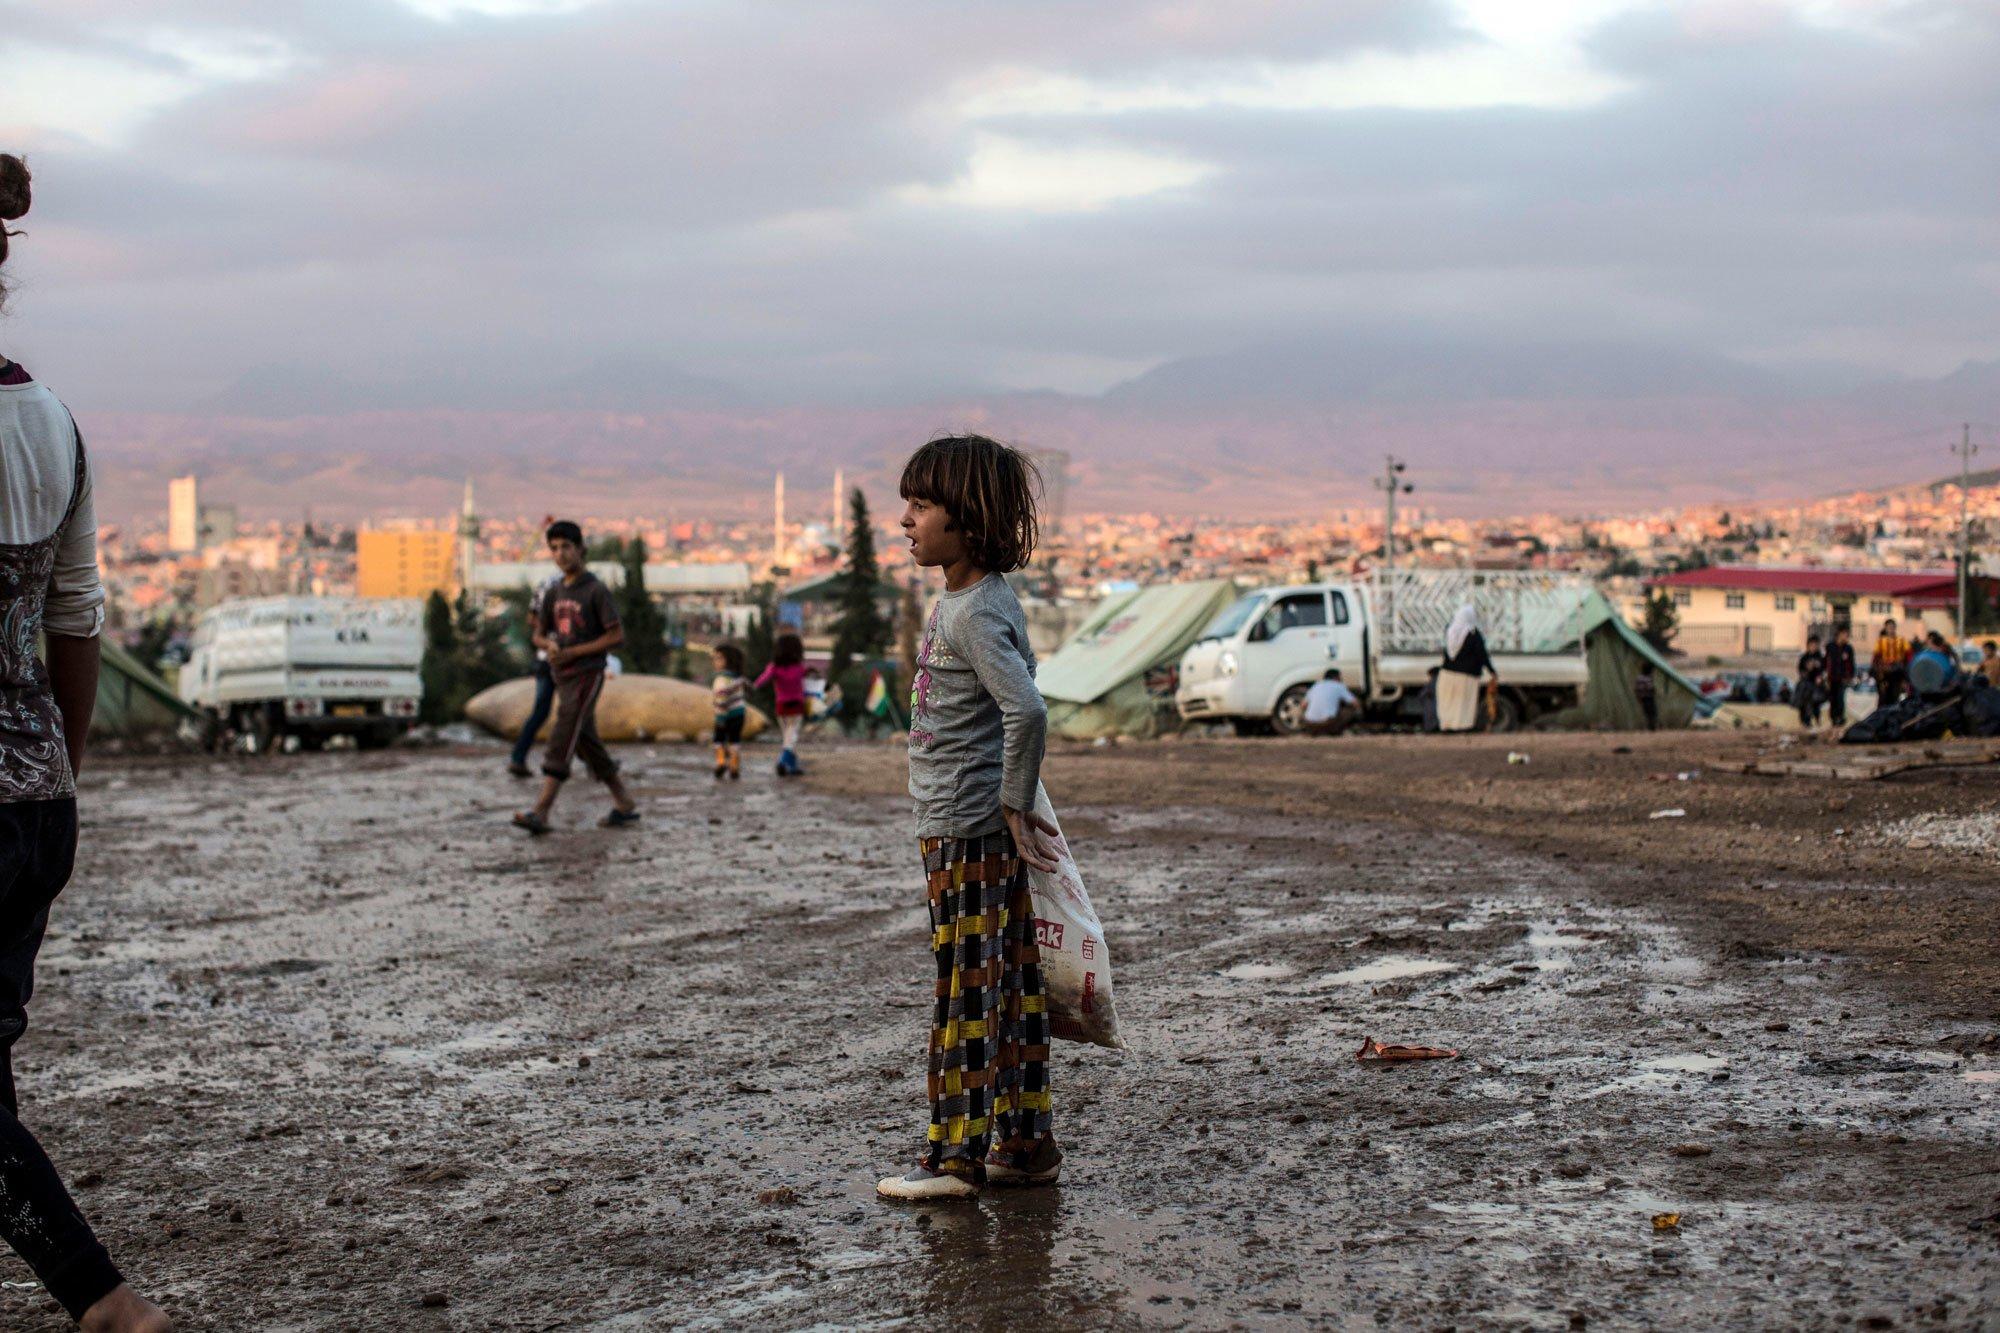 KURDISTAN-IRAQ-CHILDREN-CONFLICTS